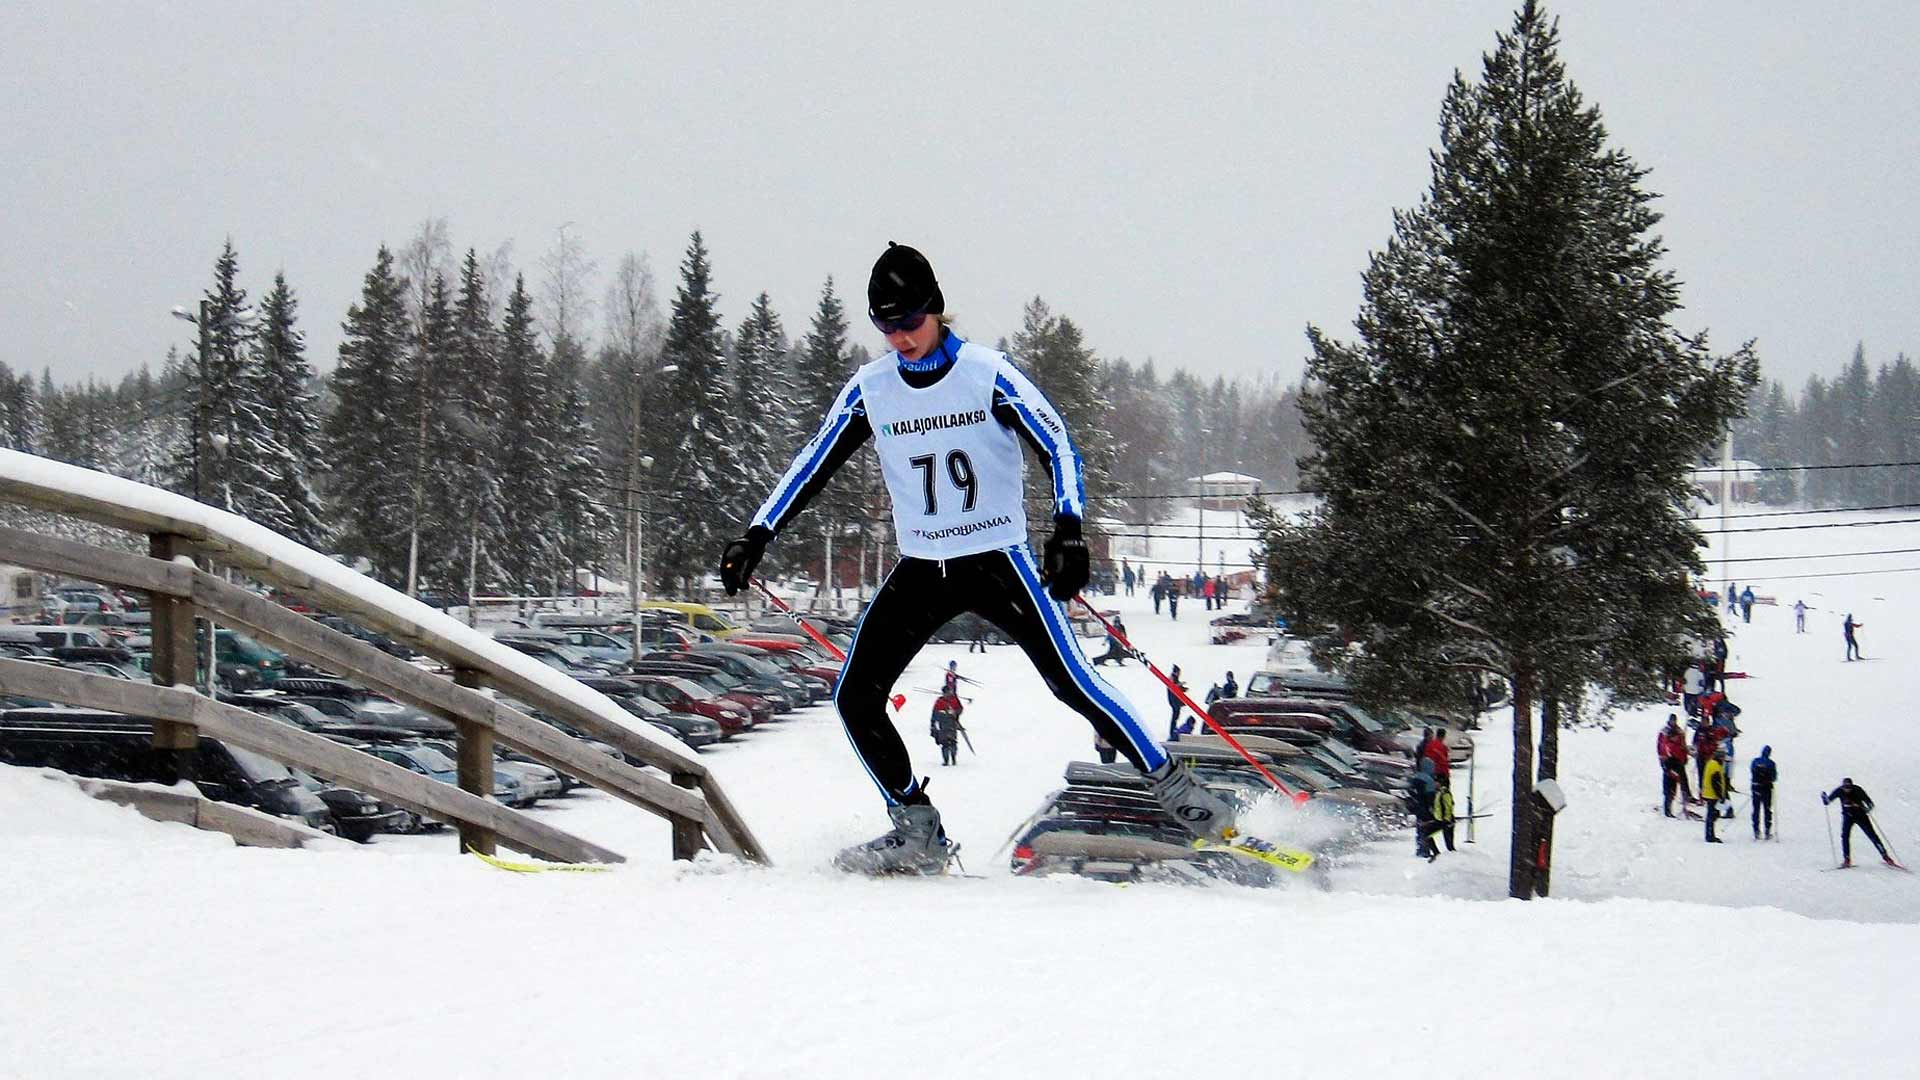 14-vuotiaana Mäki oli saavuttanut jo mukavasti menestystä juniorikisoissa. Kuva Kalajoen kisoista vuodelta 2009.